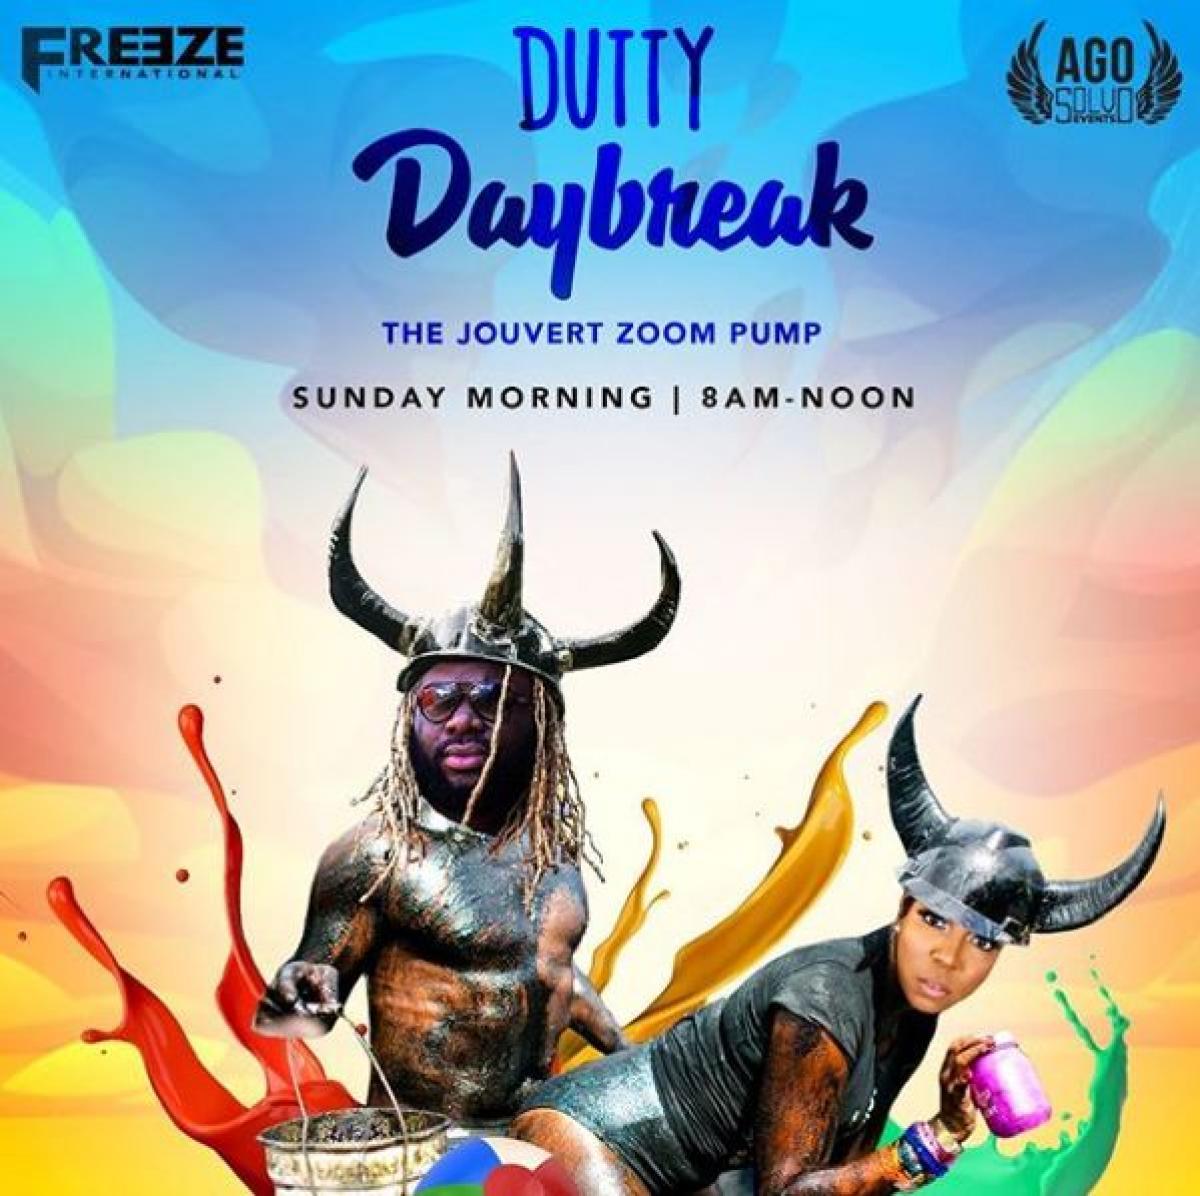 Dutty Daybreak flyer or graphic.